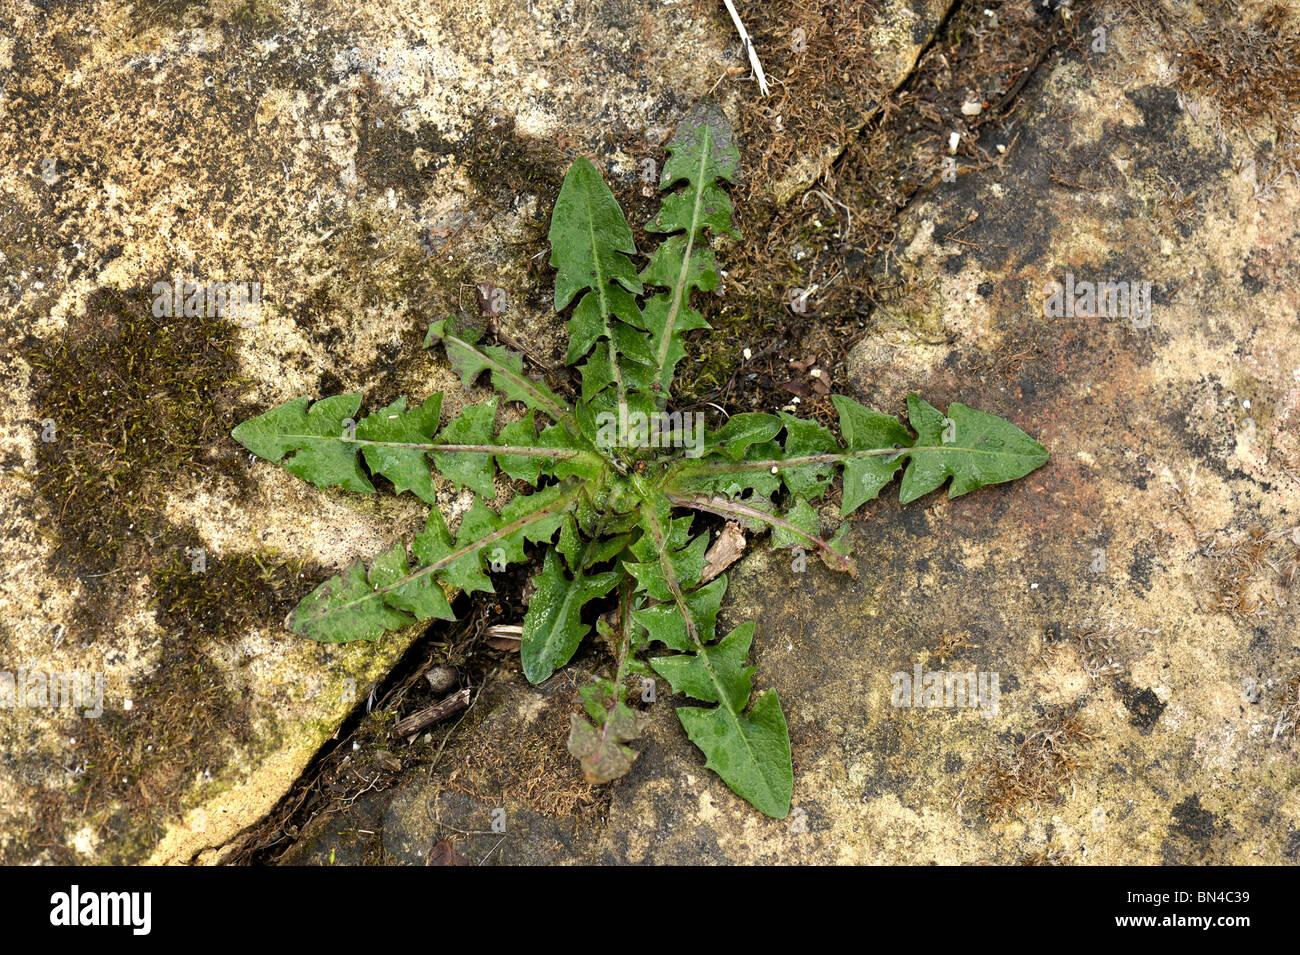 Un pissenlit (Taraxacum officinale) rosette plant growing entre dalles dans un jardin Photo Stock